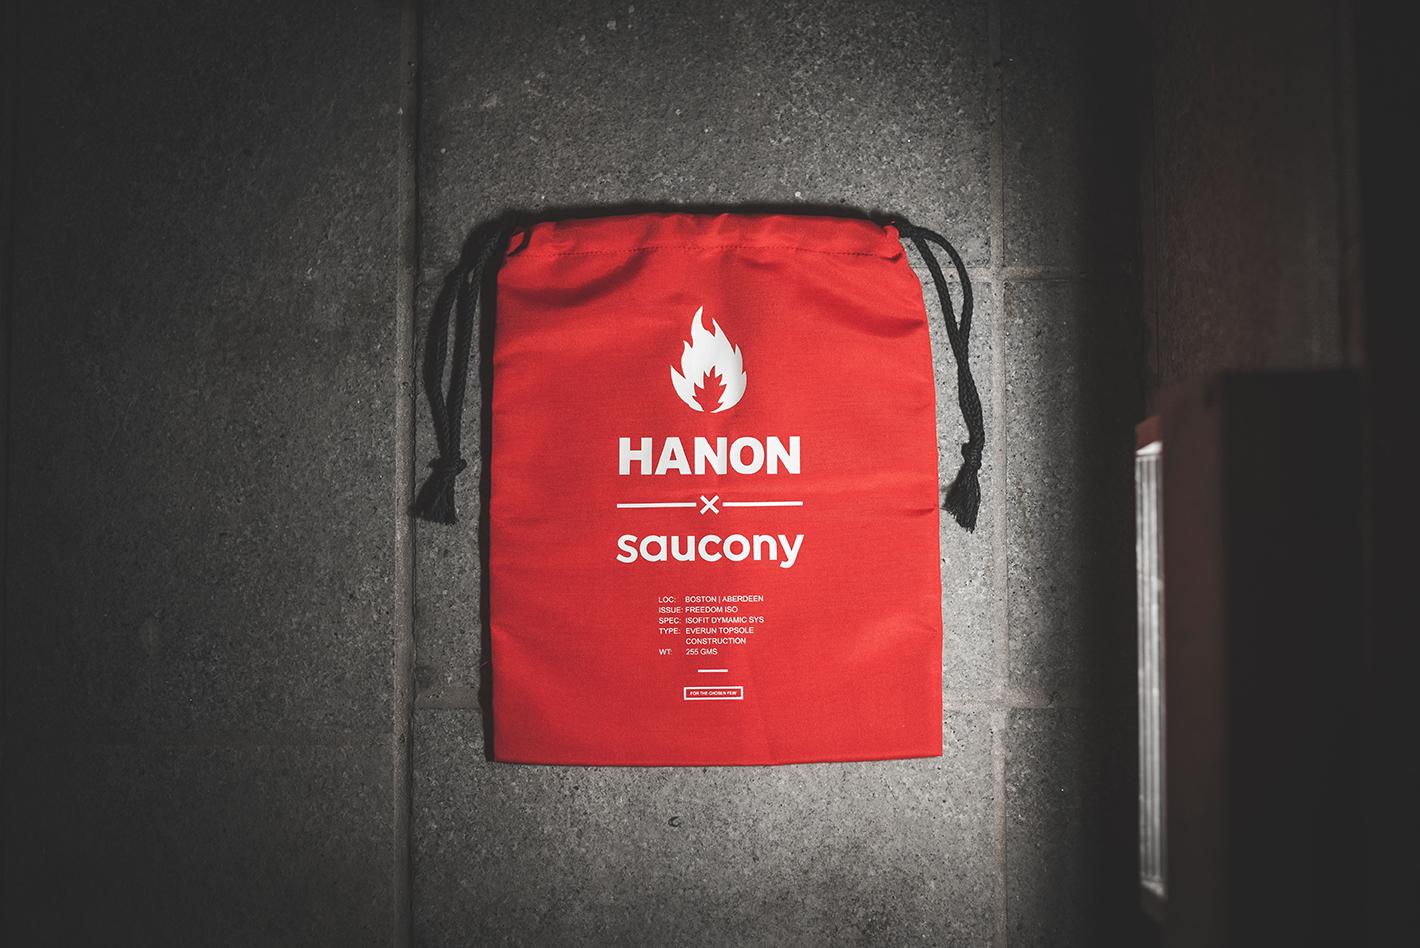 HANON_x_Saucony_FreedomISO_Granite_PressImages_12.jpg